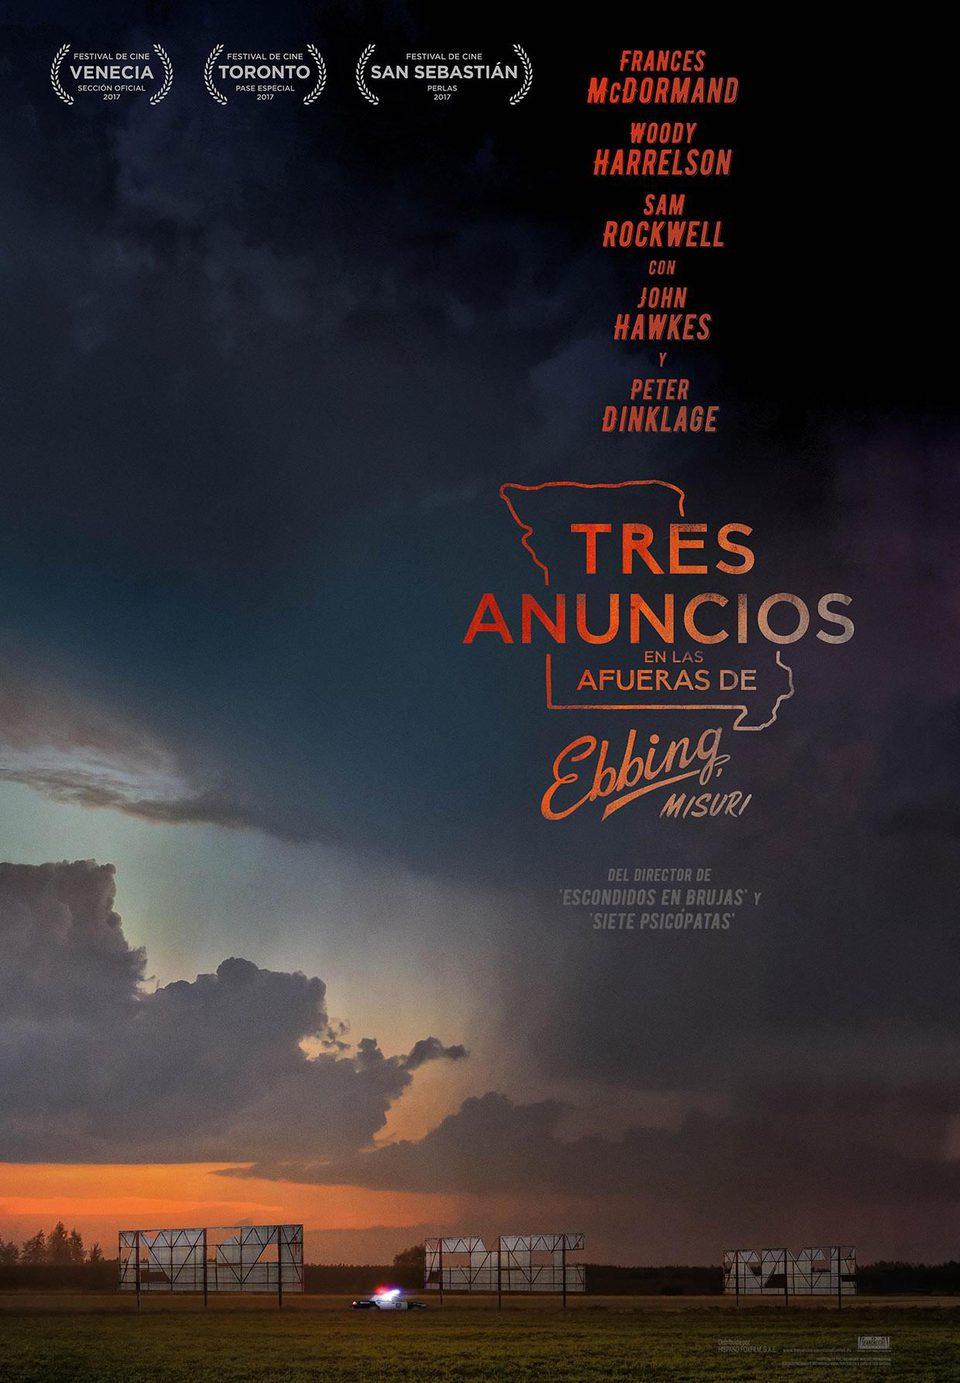 Cartel España de 'Tres anuncios en las afueras'